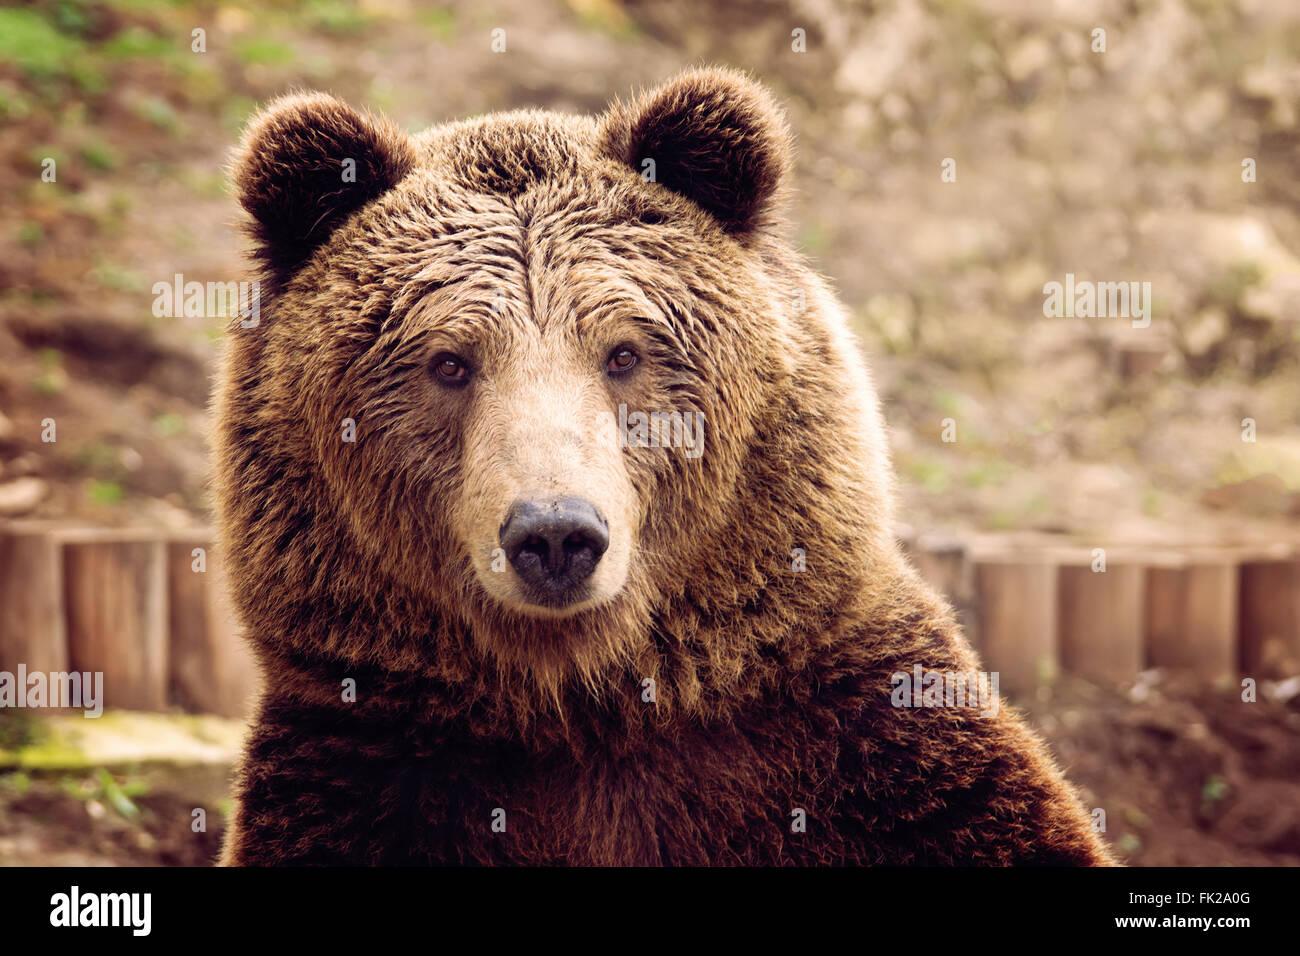 Vue de face de l'ours brun Photo Stock